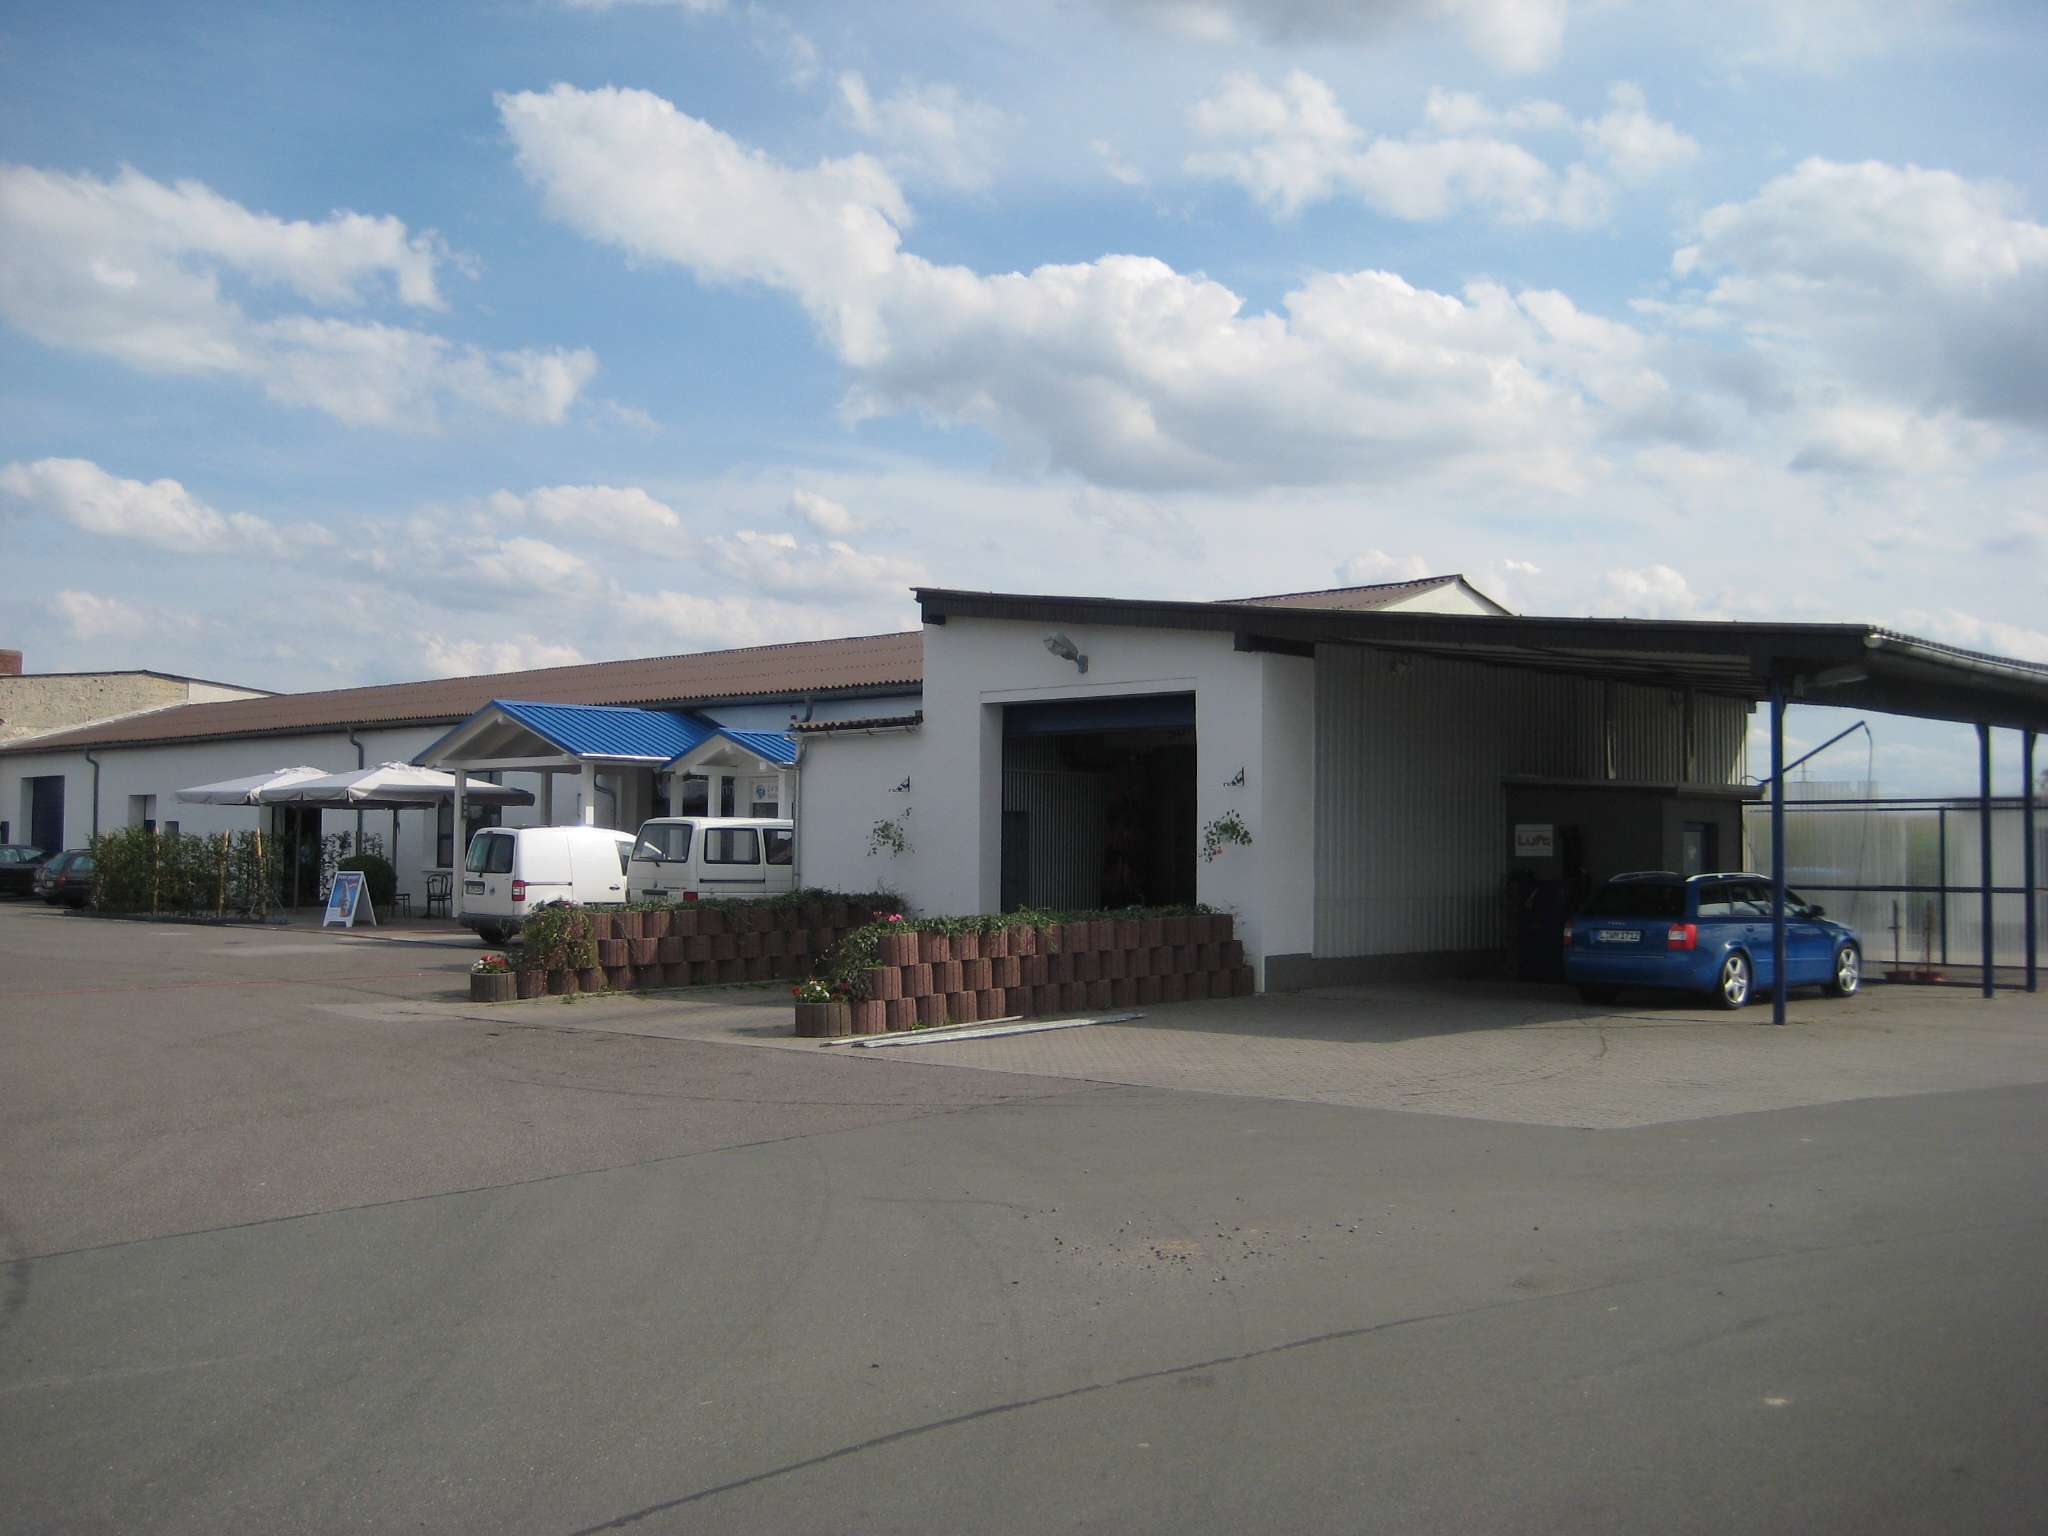 Tankstelle-Geithain03